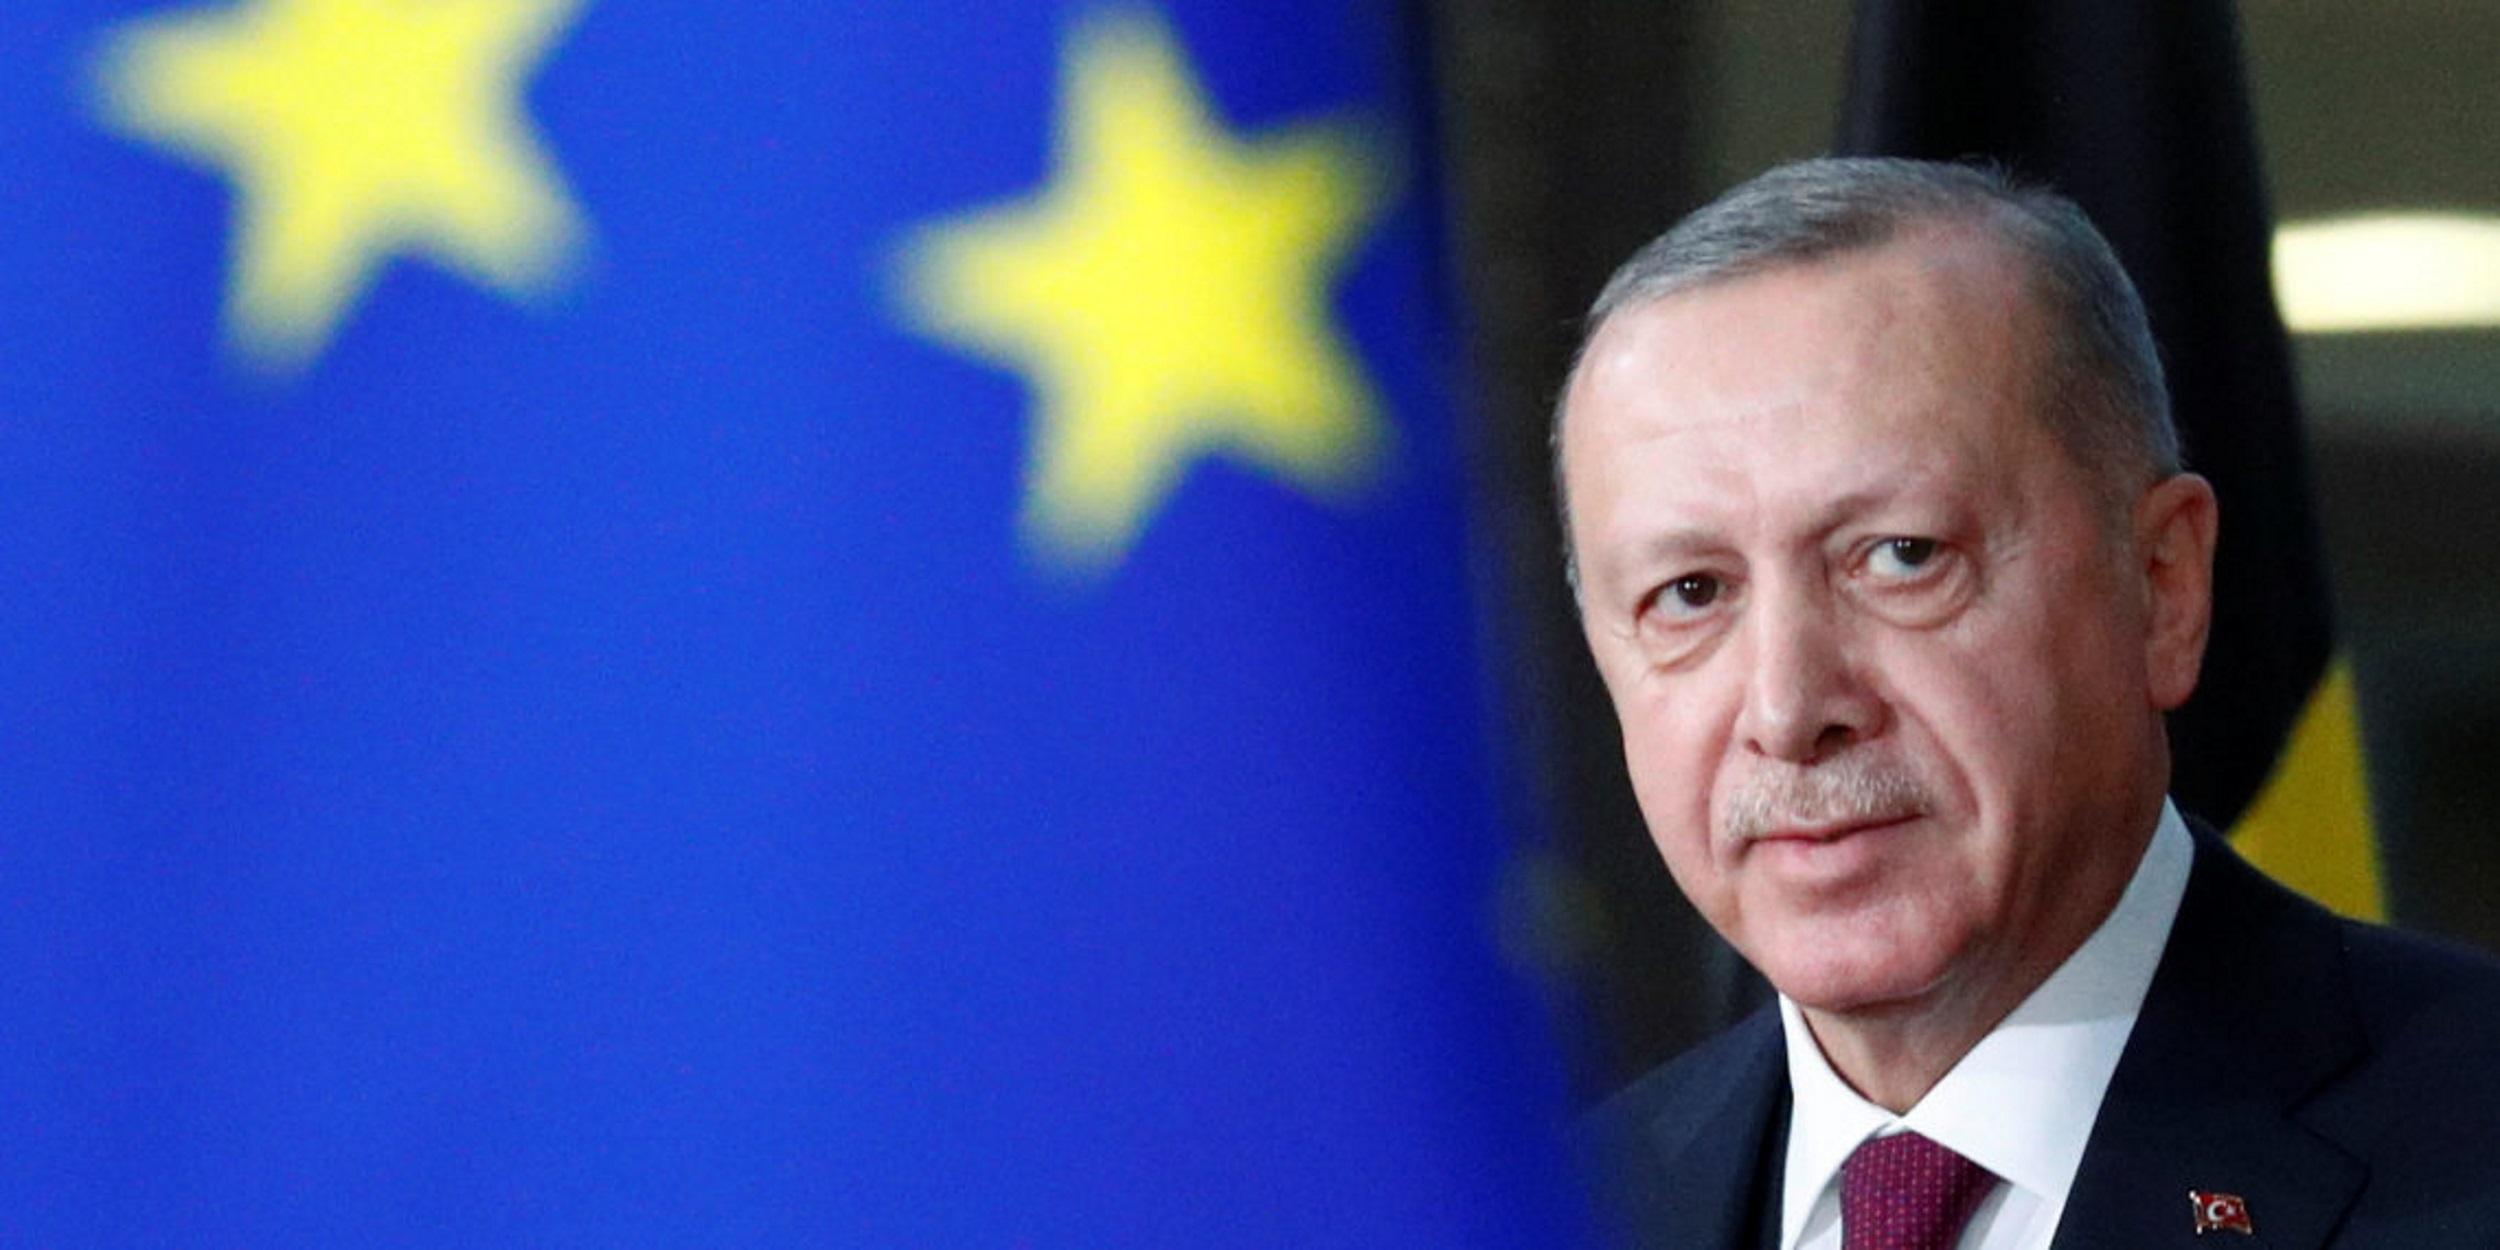 Επιφυλακτική η ΕΕ για την «επίθεση φιλίας» της Άγκυρας προς την Ελλάδα